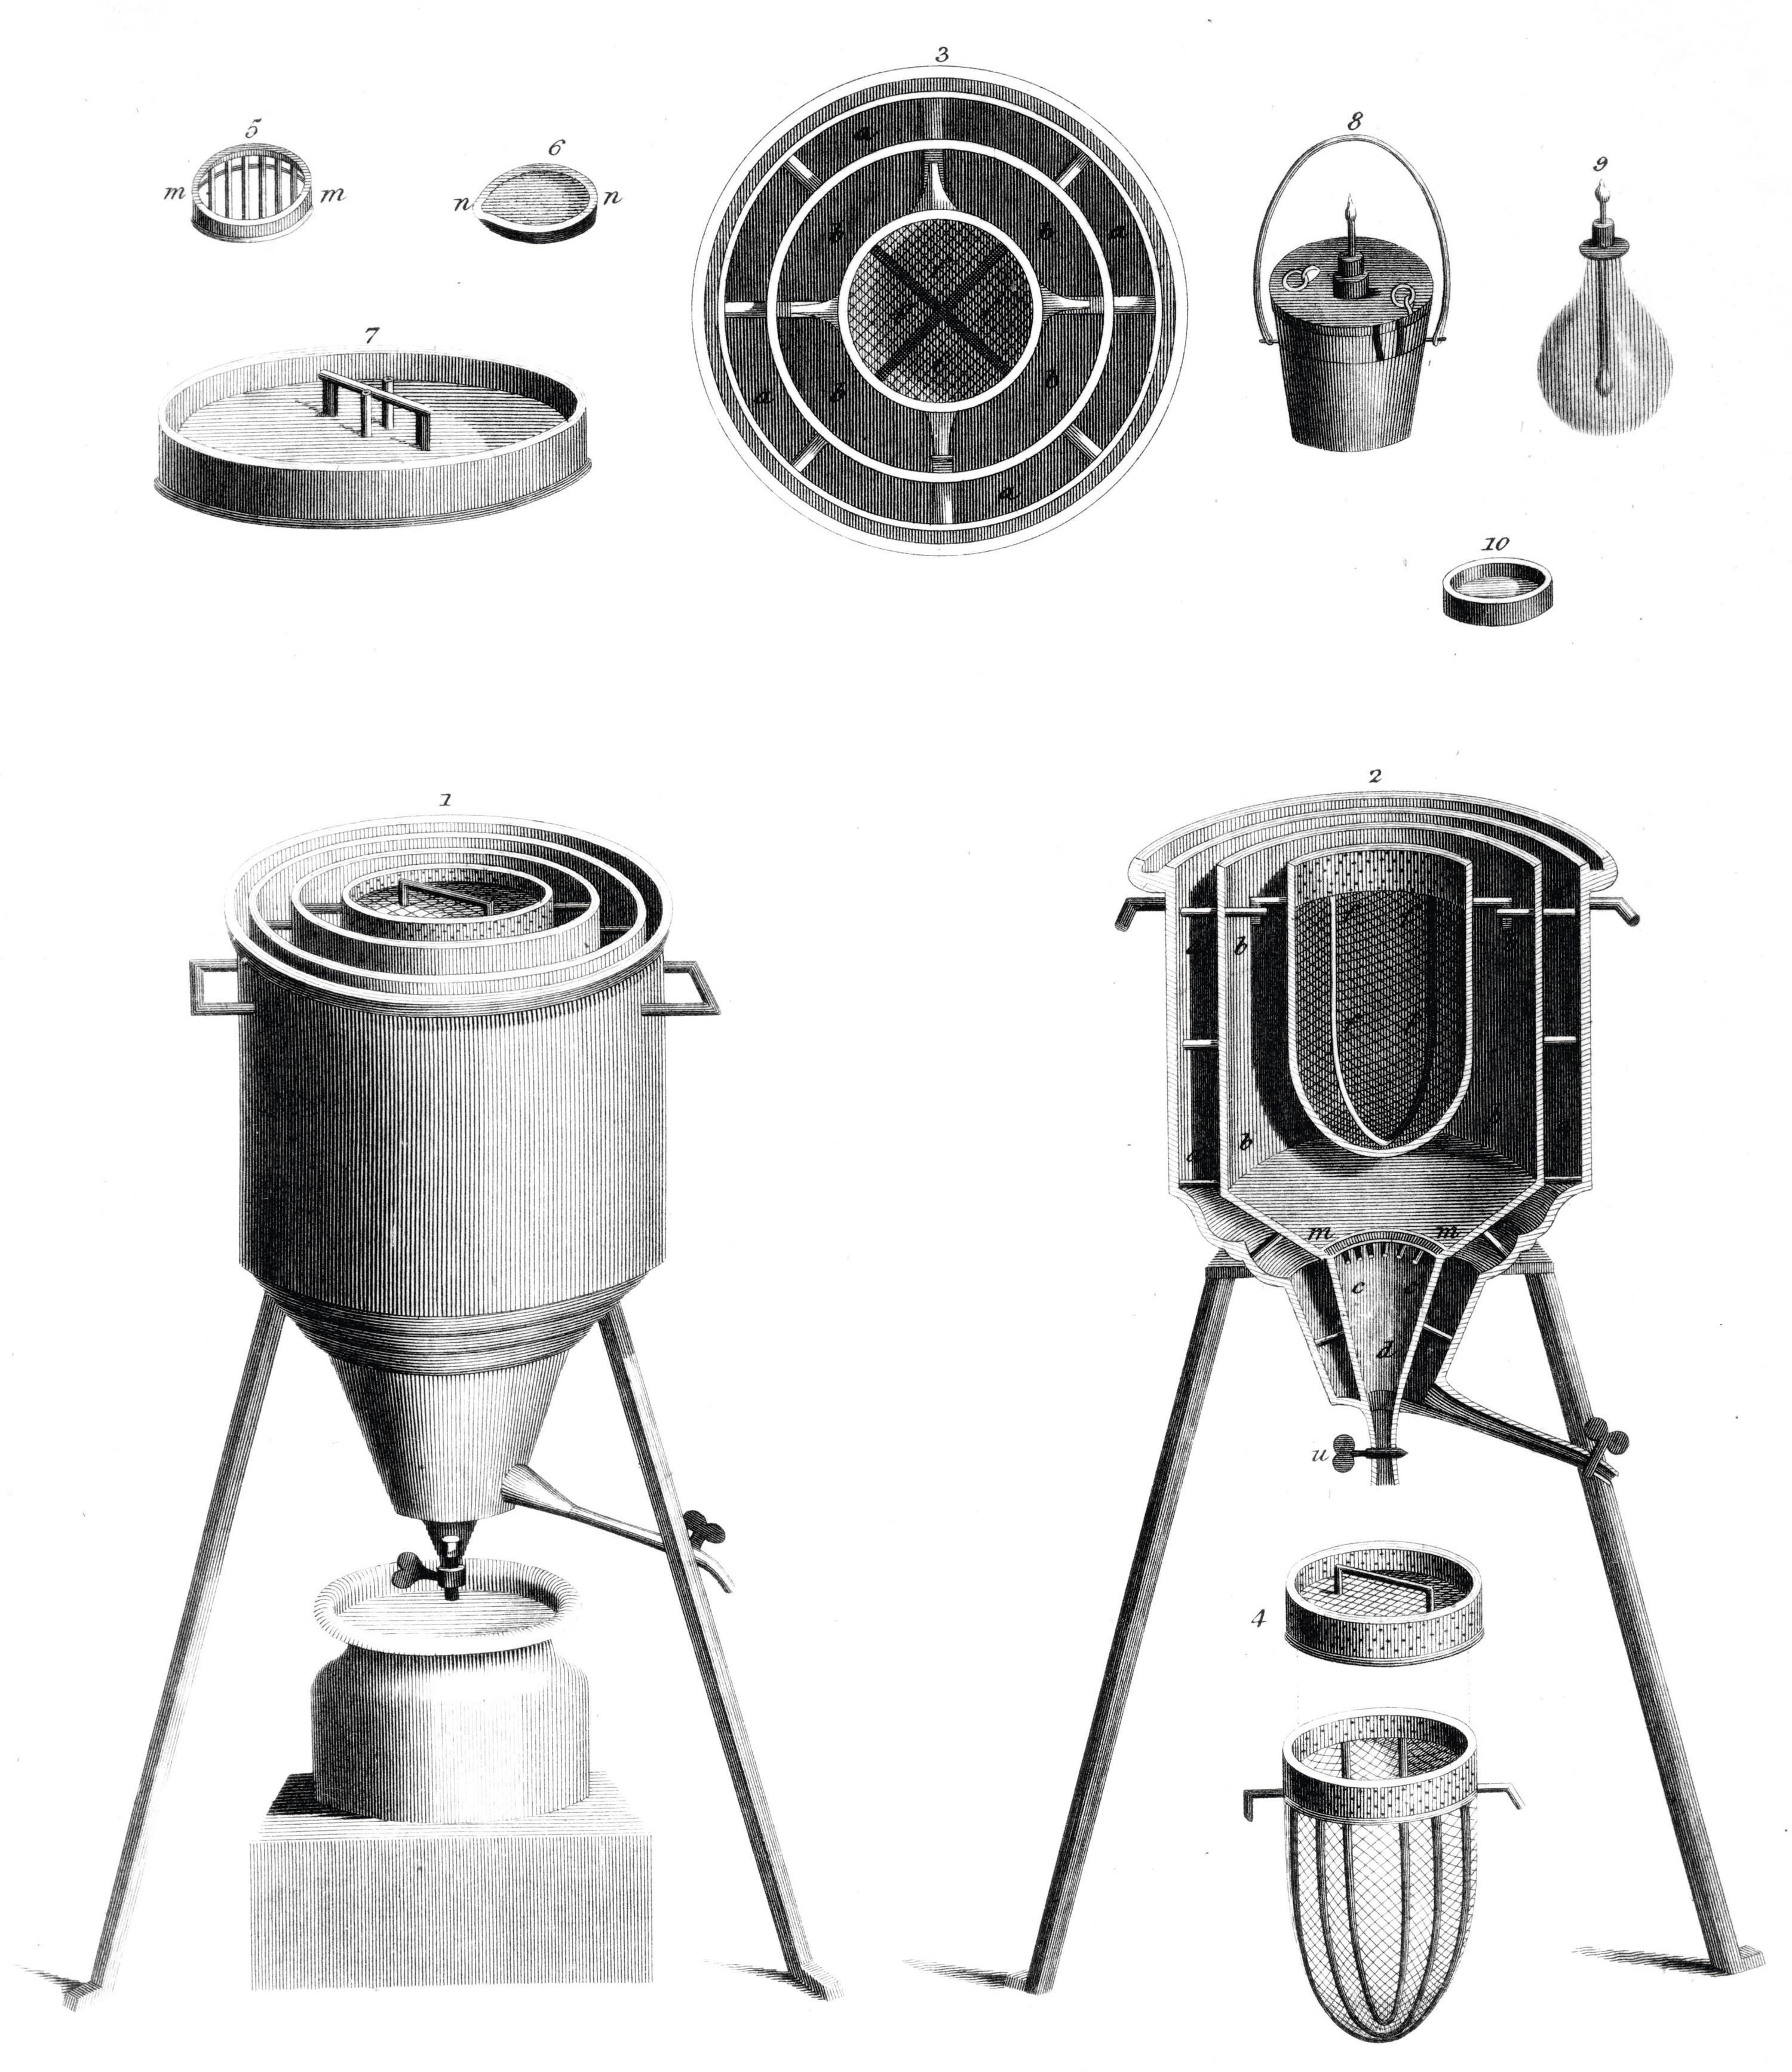 Calorimètre à glace utilisé par Lavoisier et Laplace